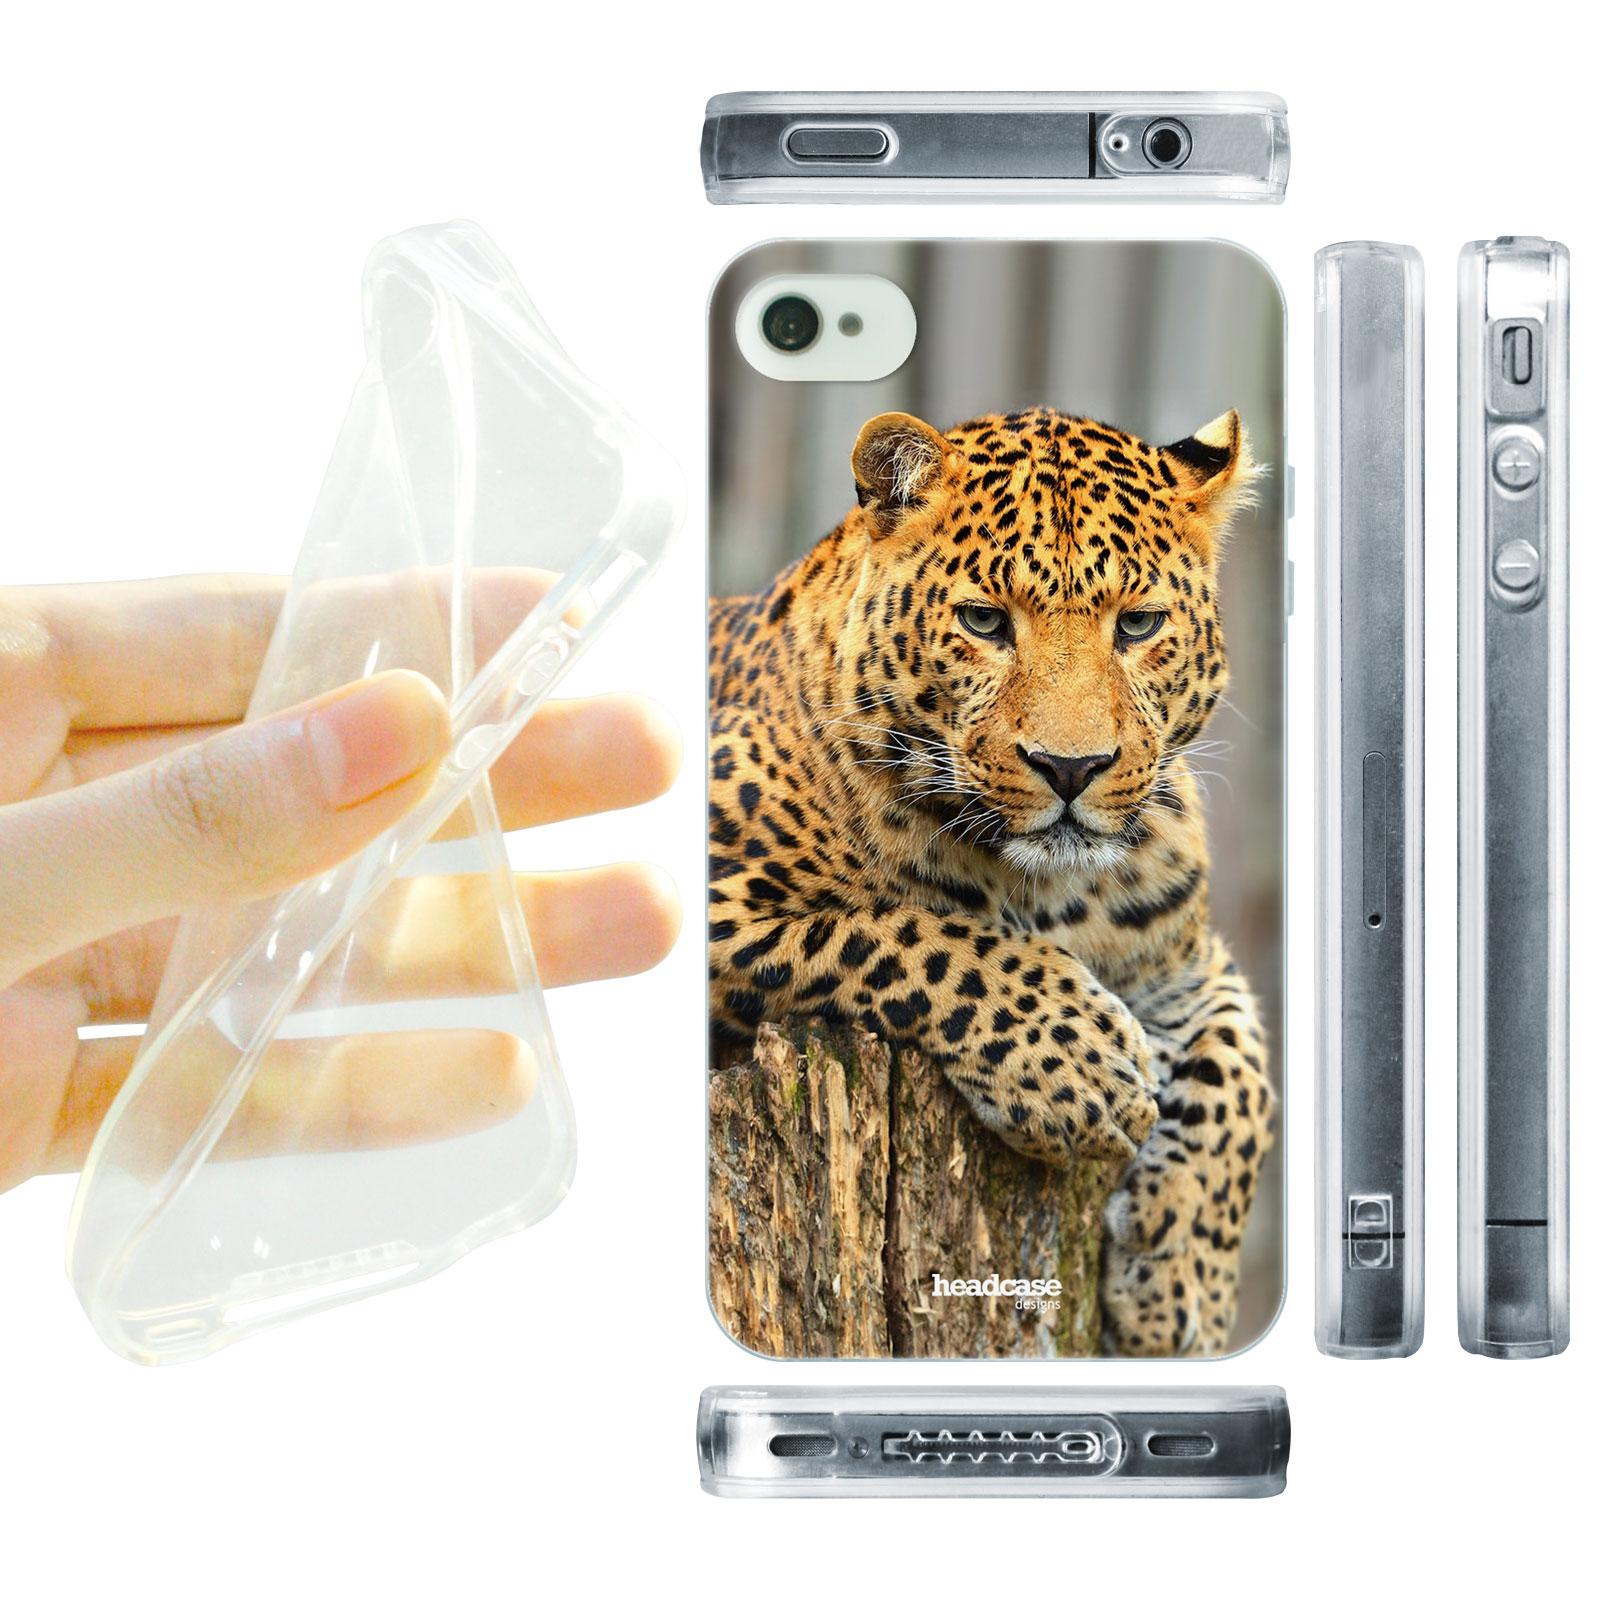 HEAD CASE silikonový obal na mobil Iphone 4/4S divočina leopard tvář portrét žlutá foto